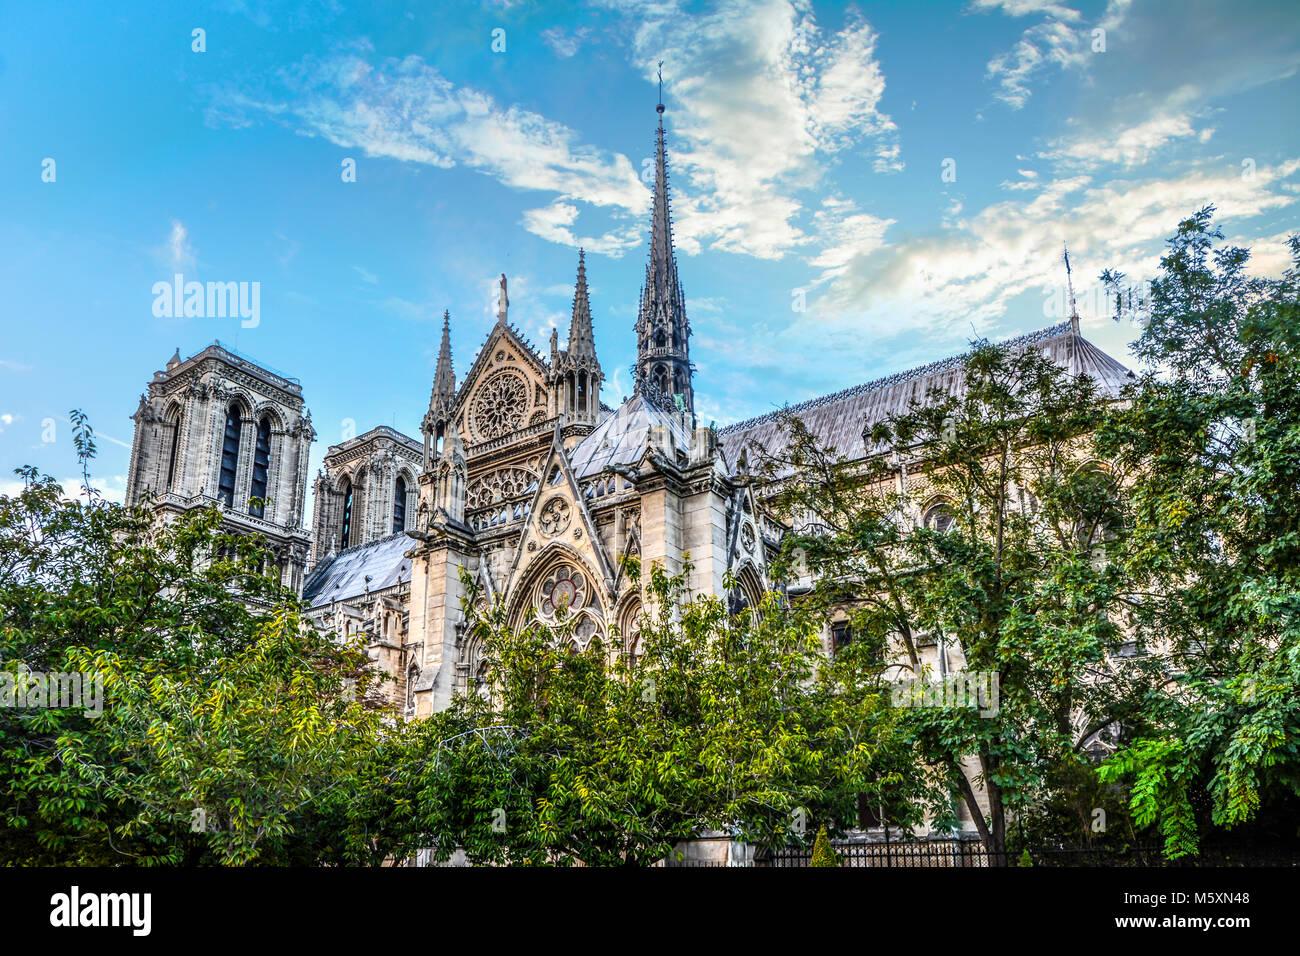 La ornamentada arquitectura gótica y espira al lado de la catedral de Notre Dame, París, Francia, en un Imagen De Stock